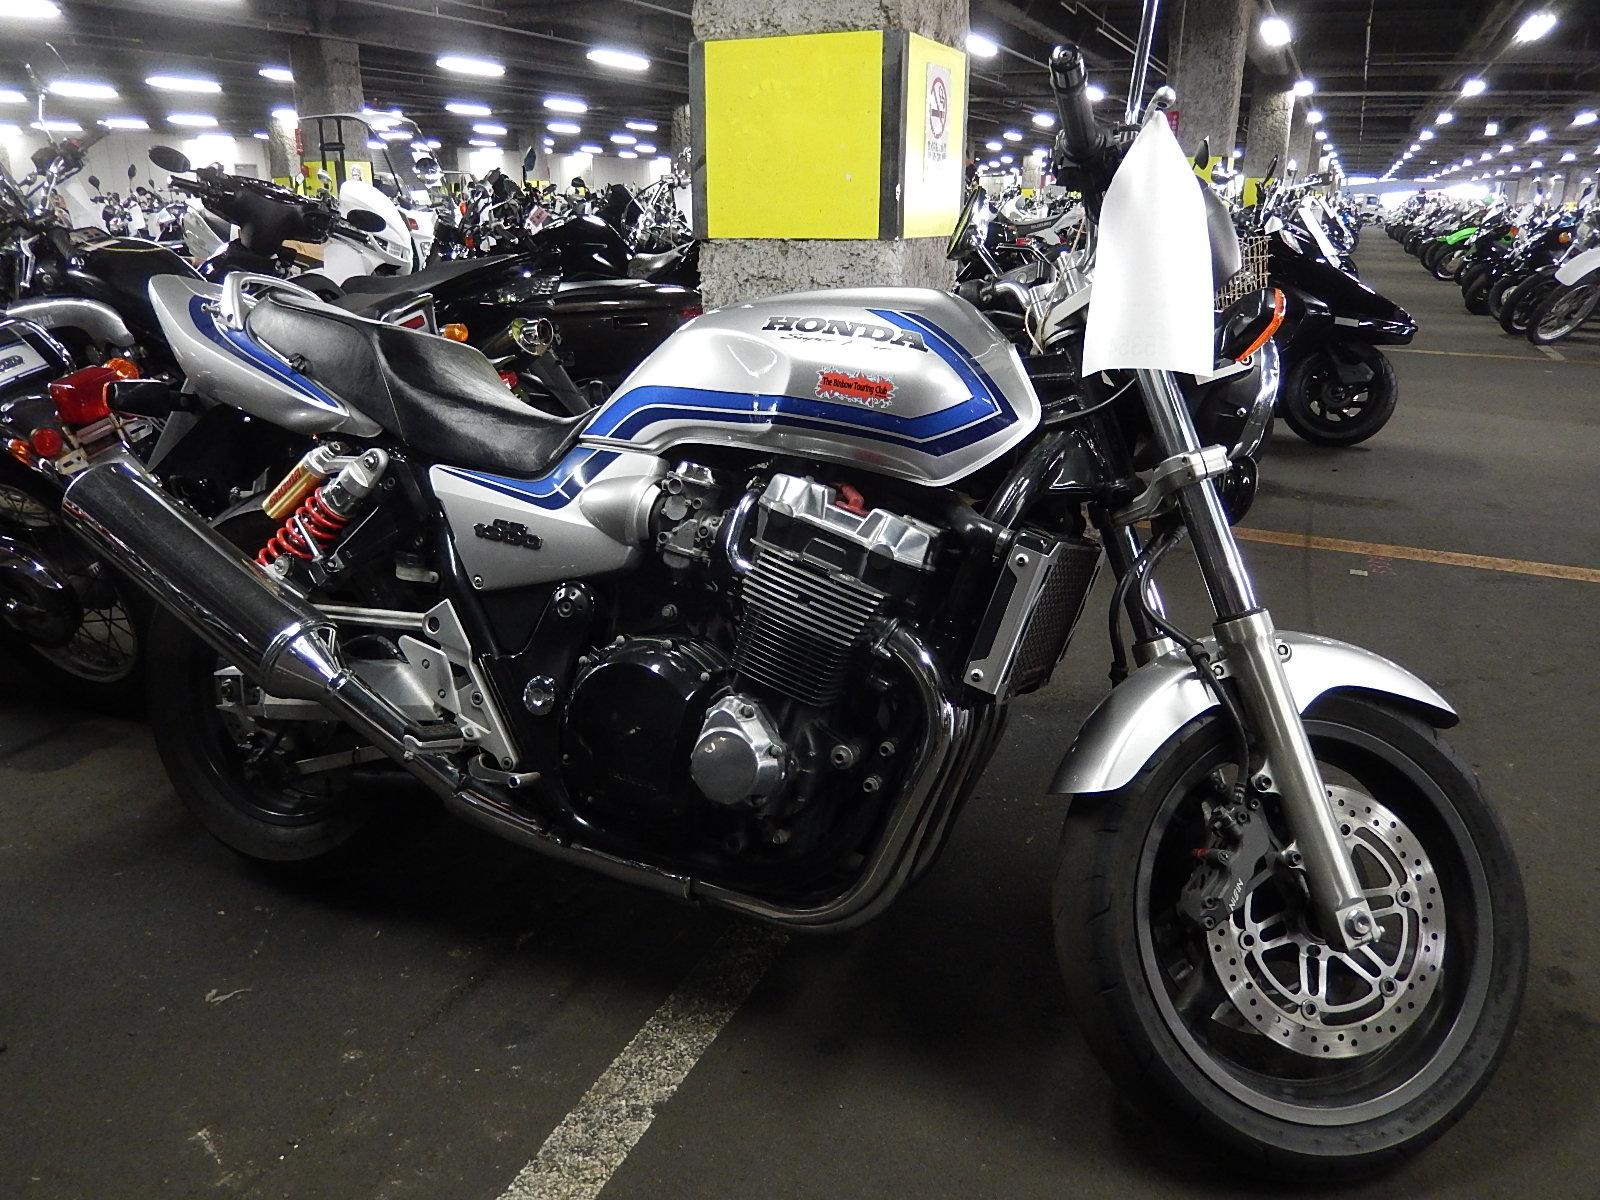 Honda cb 1300 разбор #3